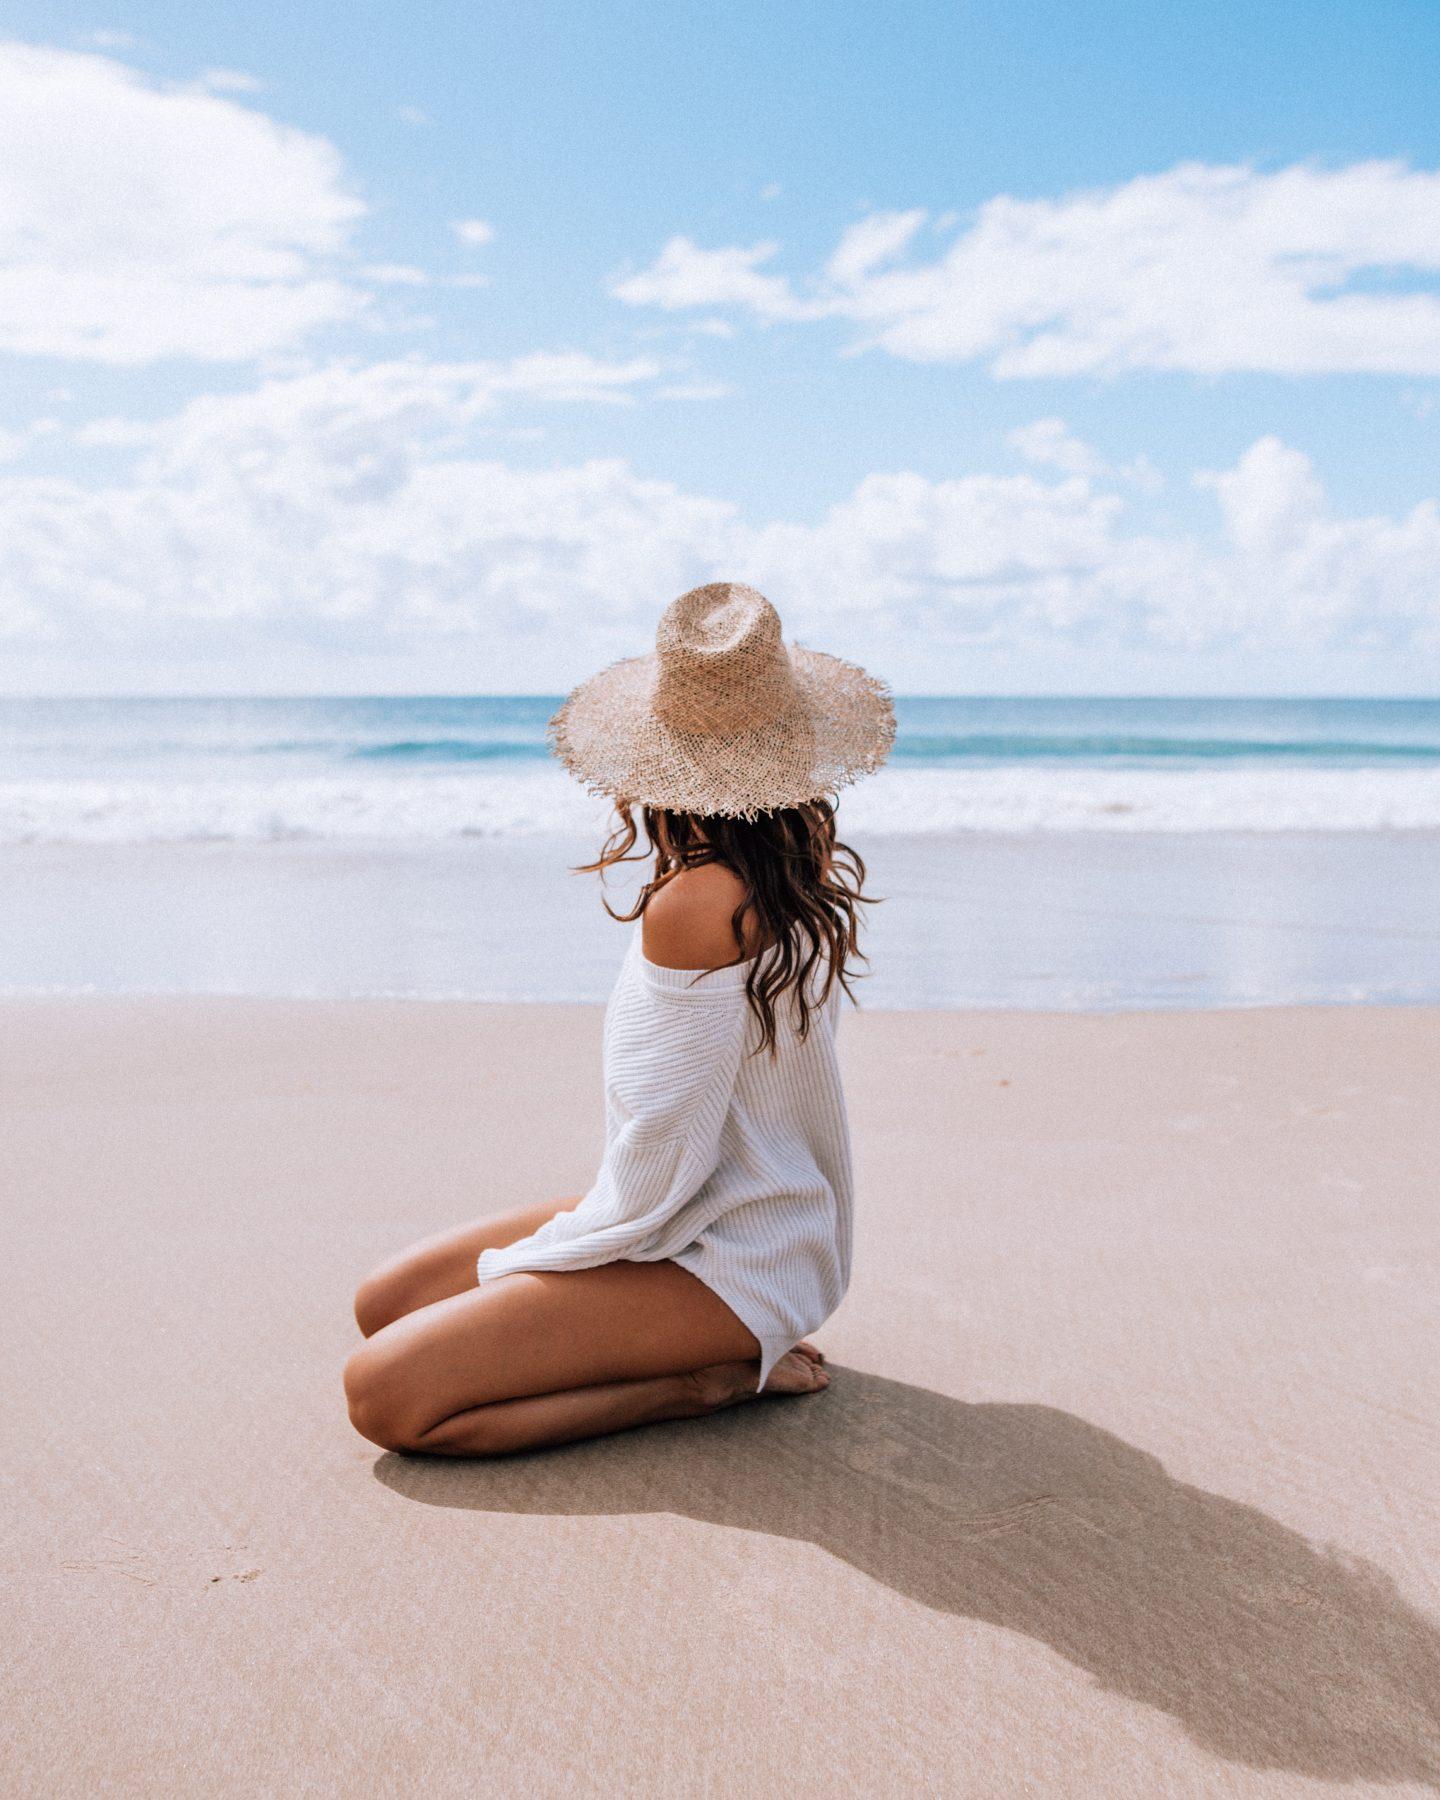 Woman posing on Byron Bay Beach in Australia